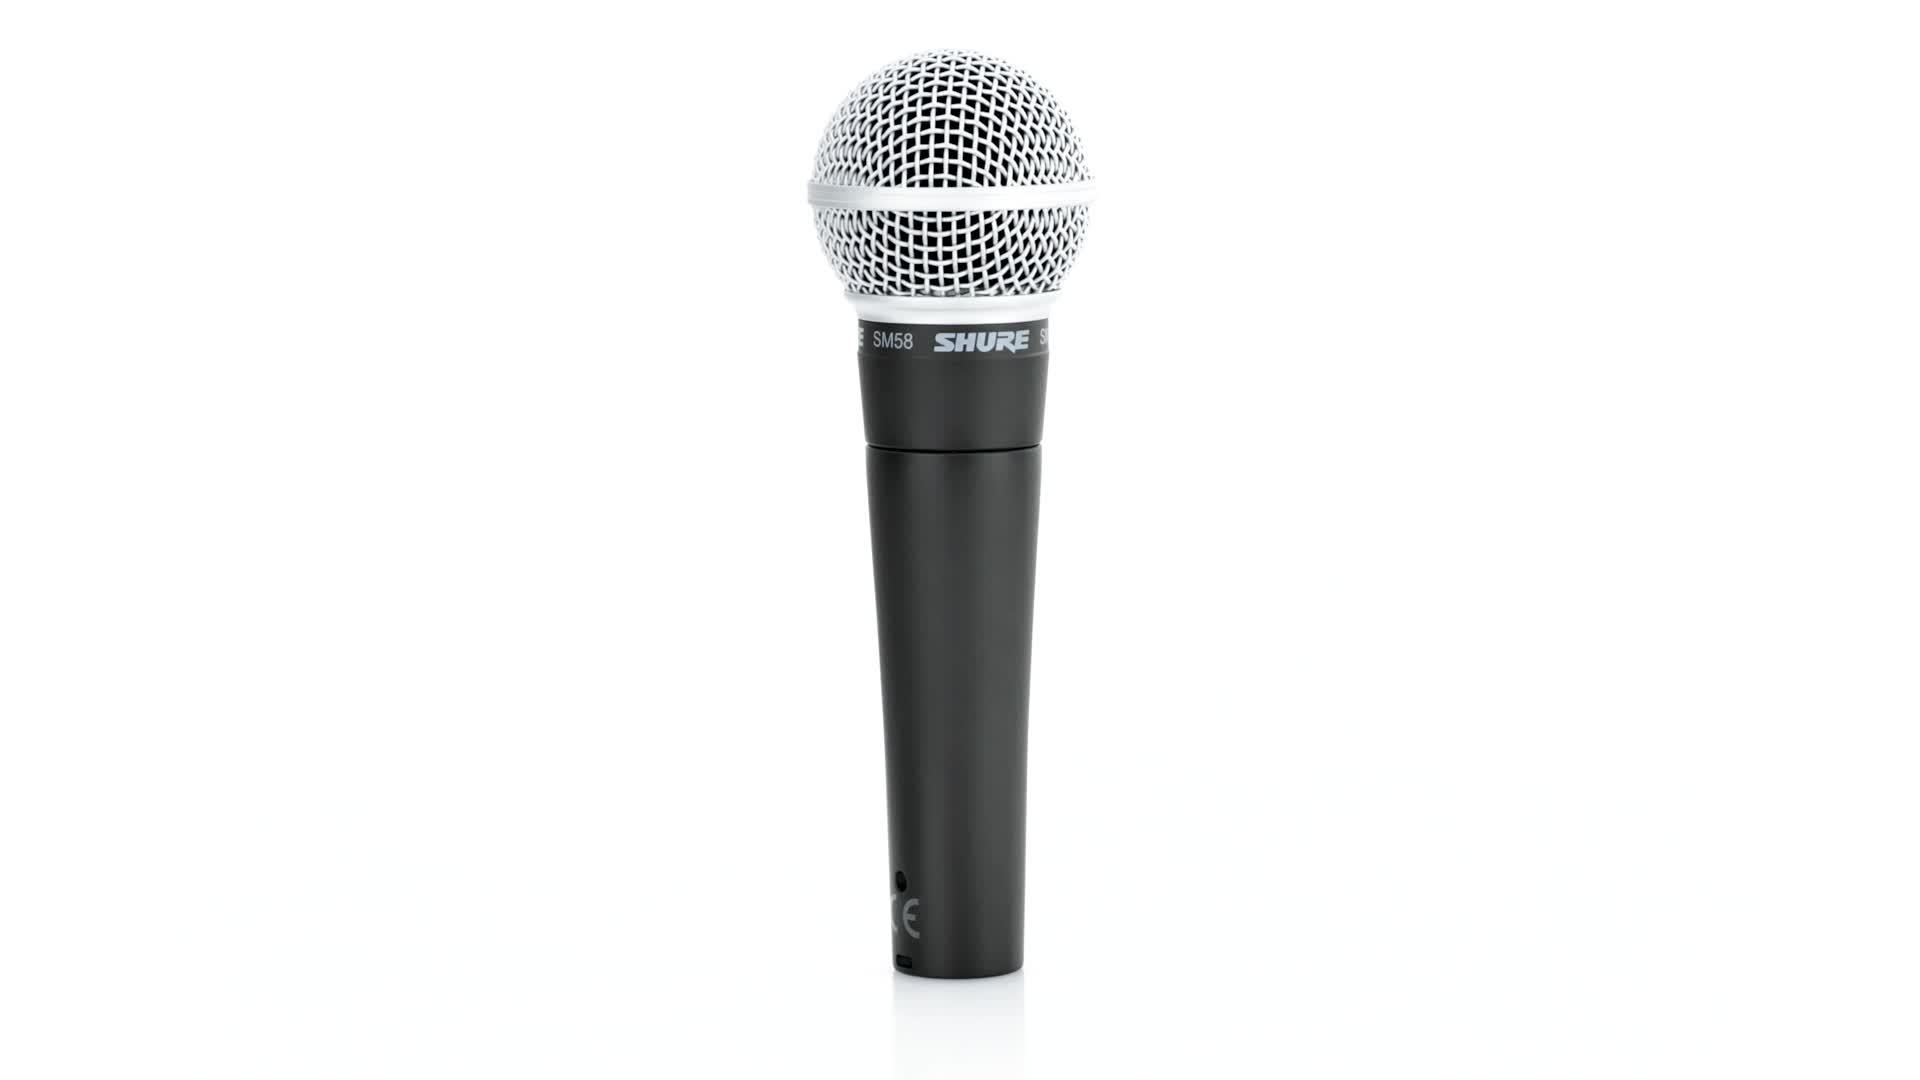 Shure Sm58 Microphone De Scène Direct Avec Fil Noir Microphones Microphone De Scène Direct 54 5 Db 50 15000 Hz Avec Fil 298 G 51 X 162 Mm Amazon Fr Instruments De Musique